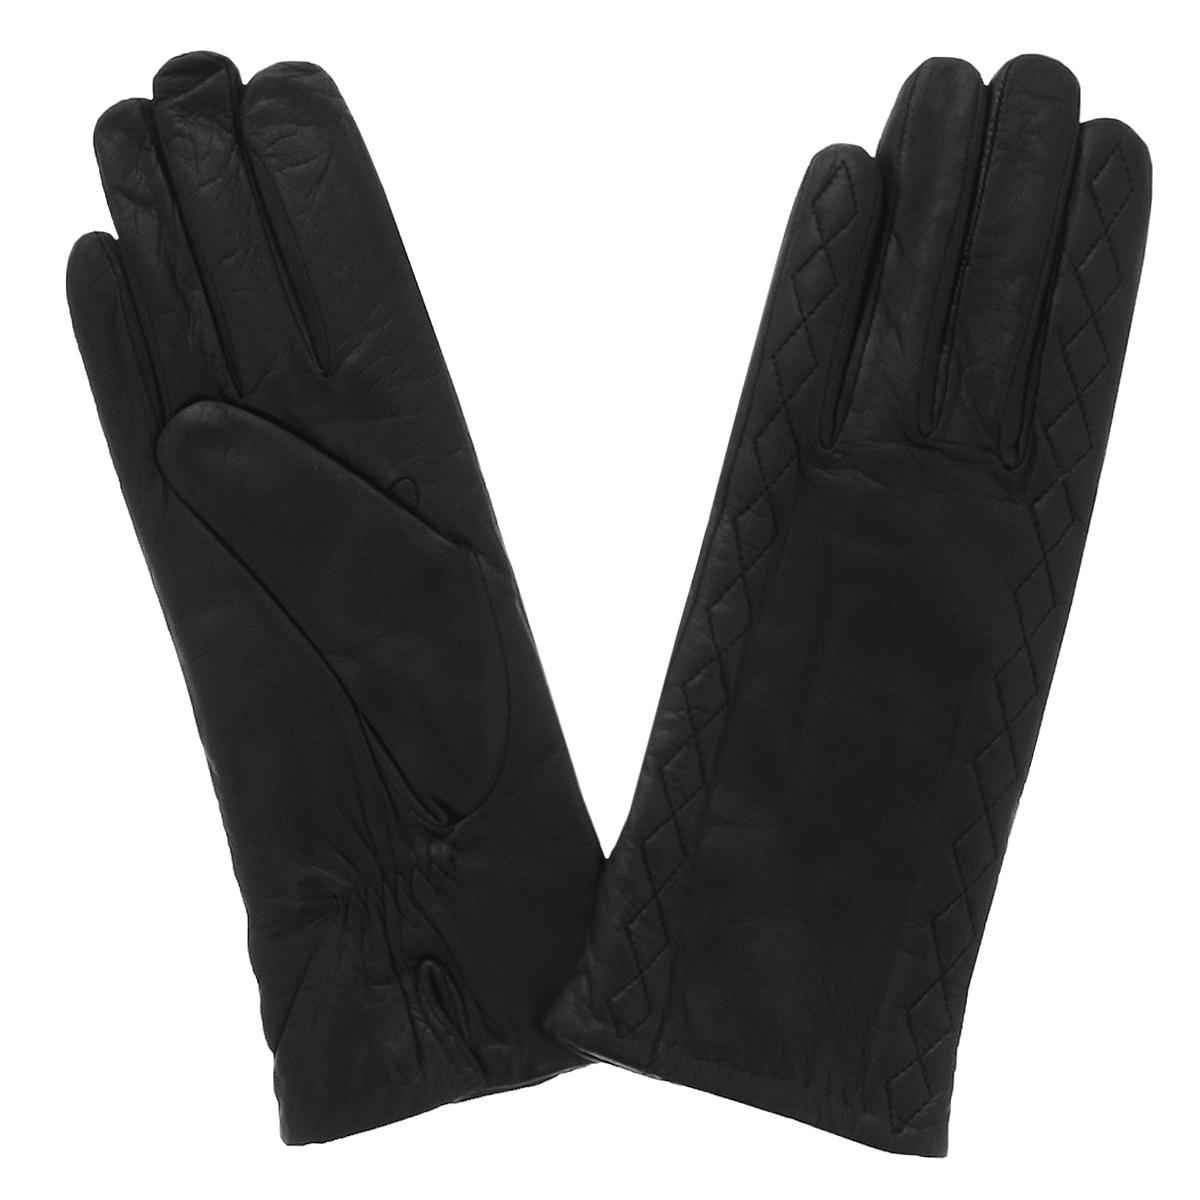 Перчатки женские. 11_MIZE11_MIZE/BLСтильные перчатки Dali Exclusive с шерстяной подкладкой выполнены из мягкой и приятной на ощупь натуральной кожи ягненка. Перчатки оформлены декоративной отстрочкой. Манжеты с небольшими разрезами и сборкой на резинку. Такие перчатки подчеркнут ваш стиль и неповторимость.